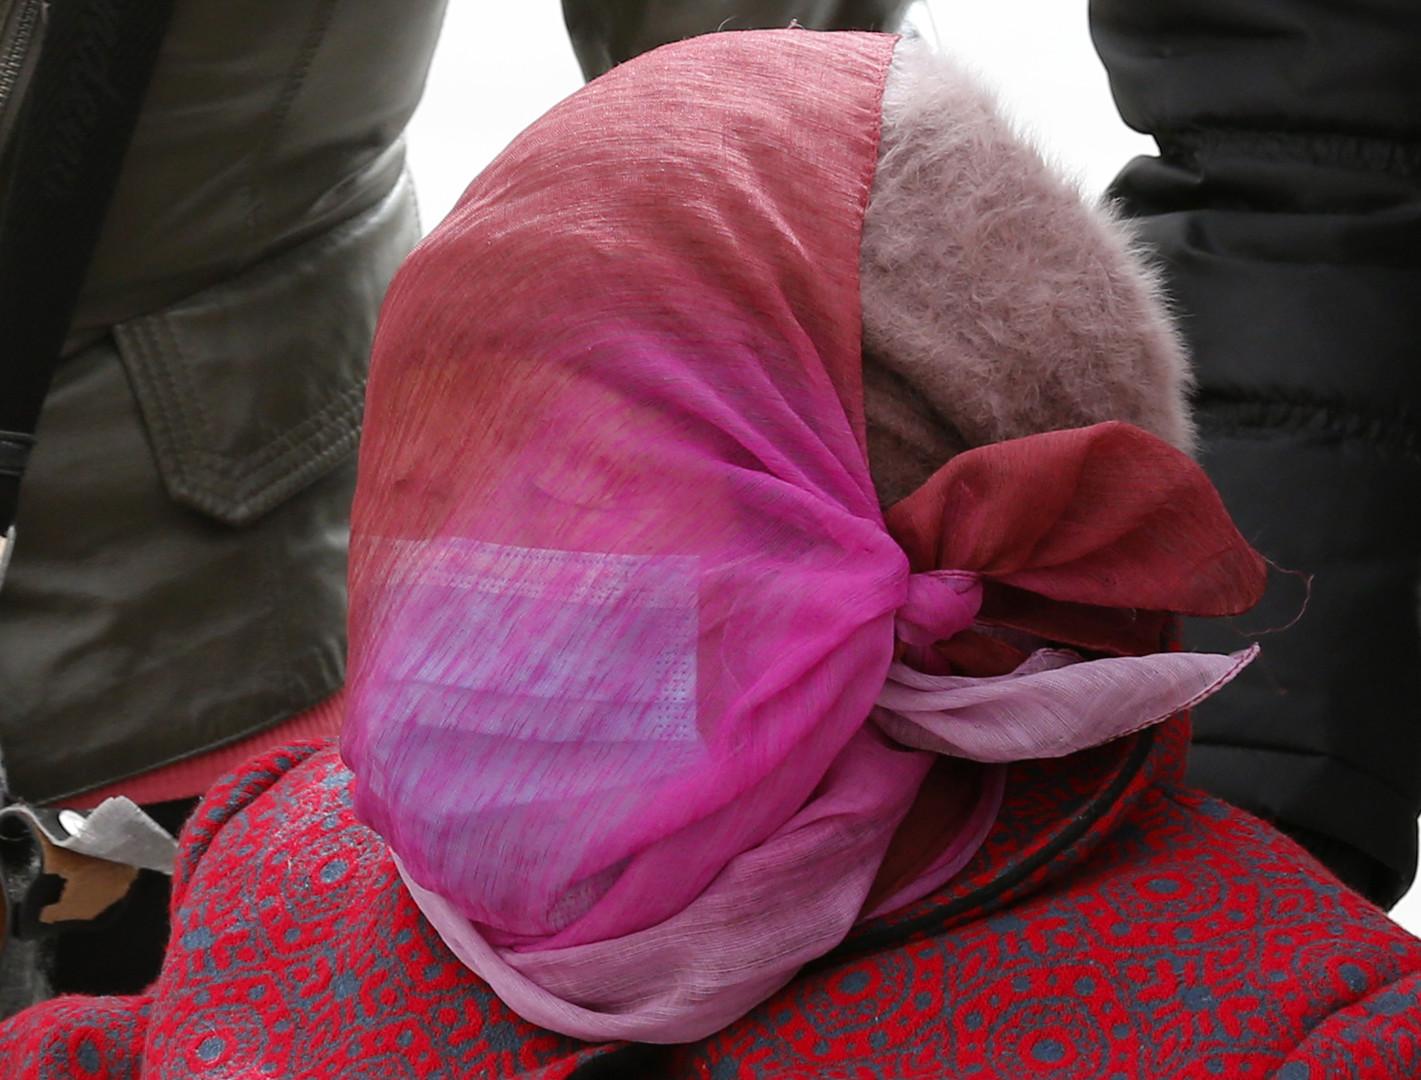 Frau, die sich das Gesciht mit einem Kopftuch bedeckt, Tiananmen-Platz, Peking, März 2013.